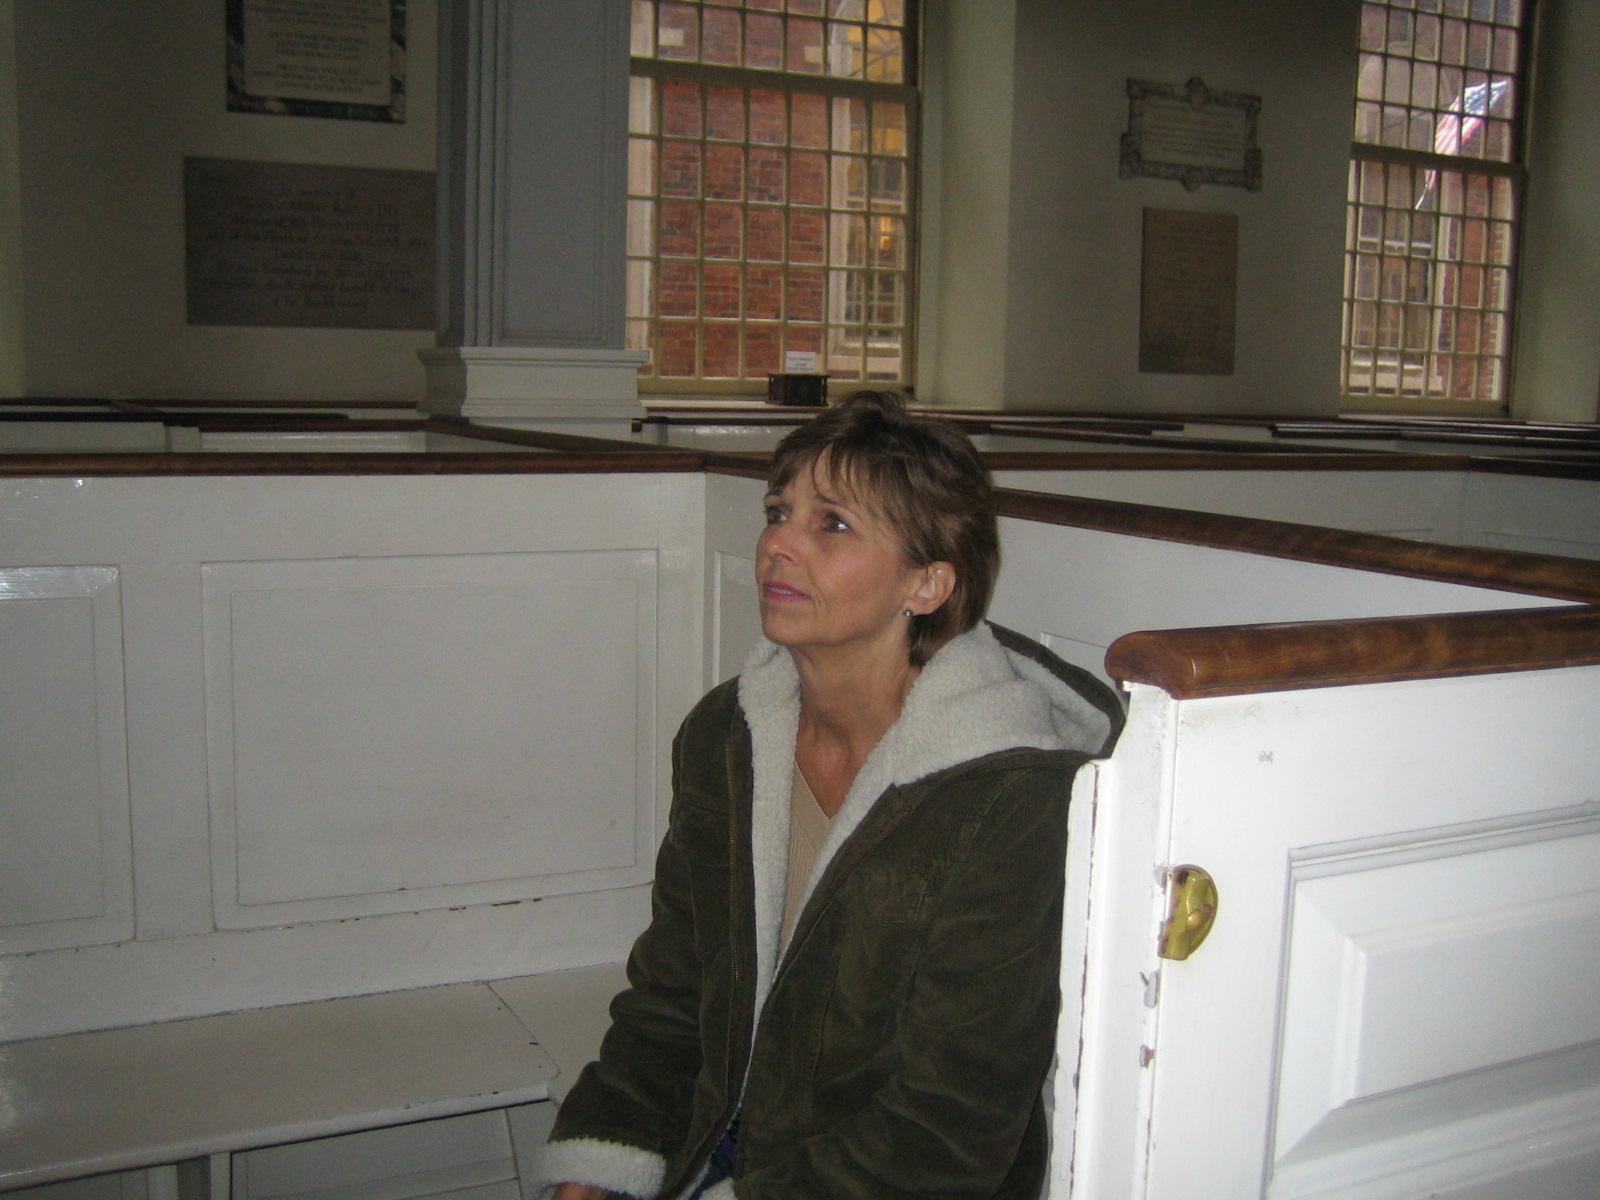 Boston - Donna in pew box